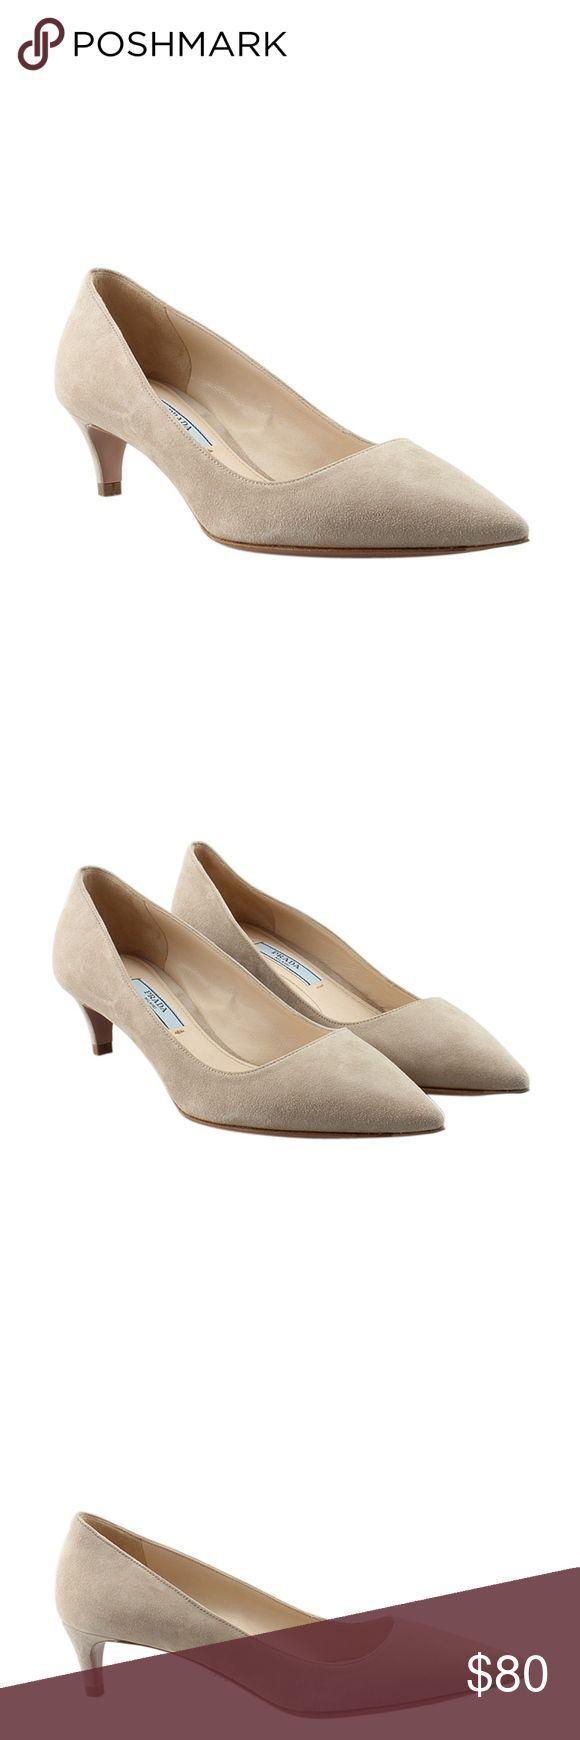 Tendance salopette 2017  Prada Beige Suede Kitten Heels Size 4 135784 Designer: Prada Overall Condi